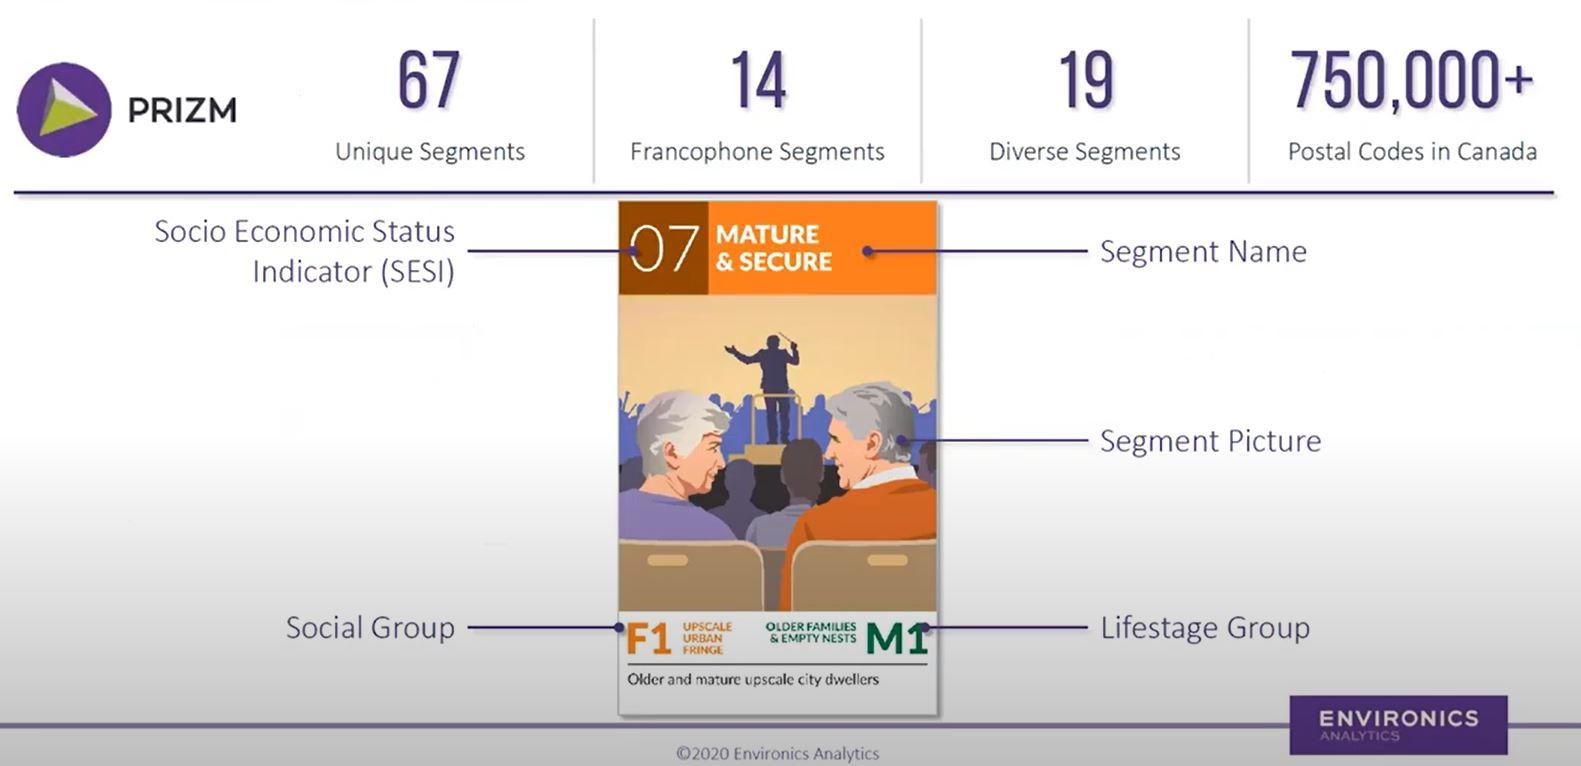 PRIZM Explanation. It states there are 67 unique segments, 14 francophone segments, 19 diverse segments, and 750,000+ postal codes in Canada.